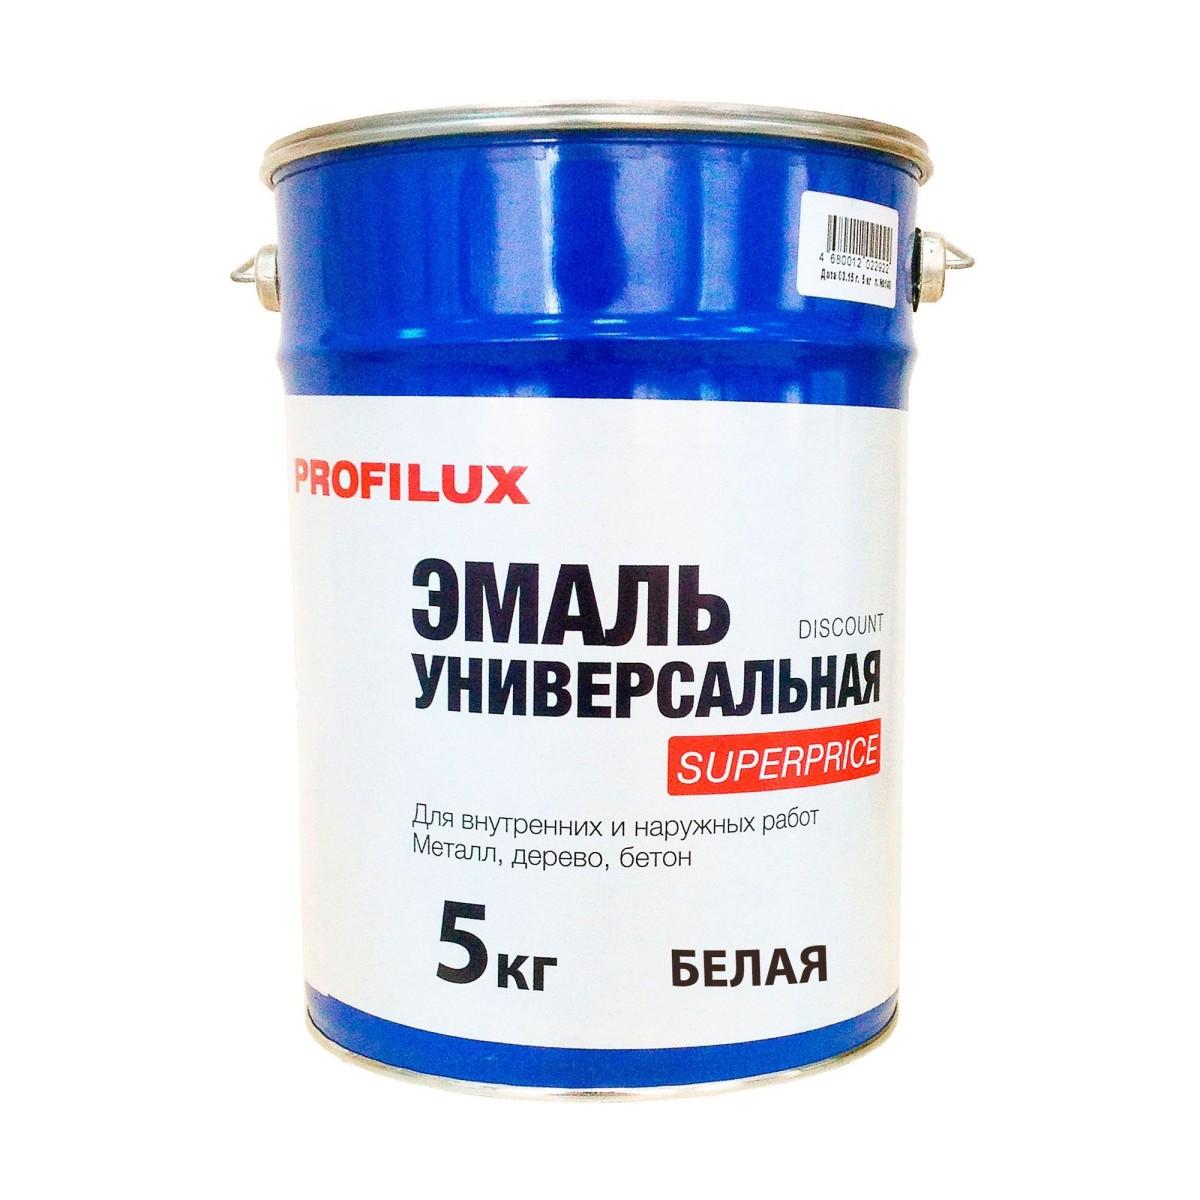 Профилюкс Эмаль Superprice цвет белый 5 кг